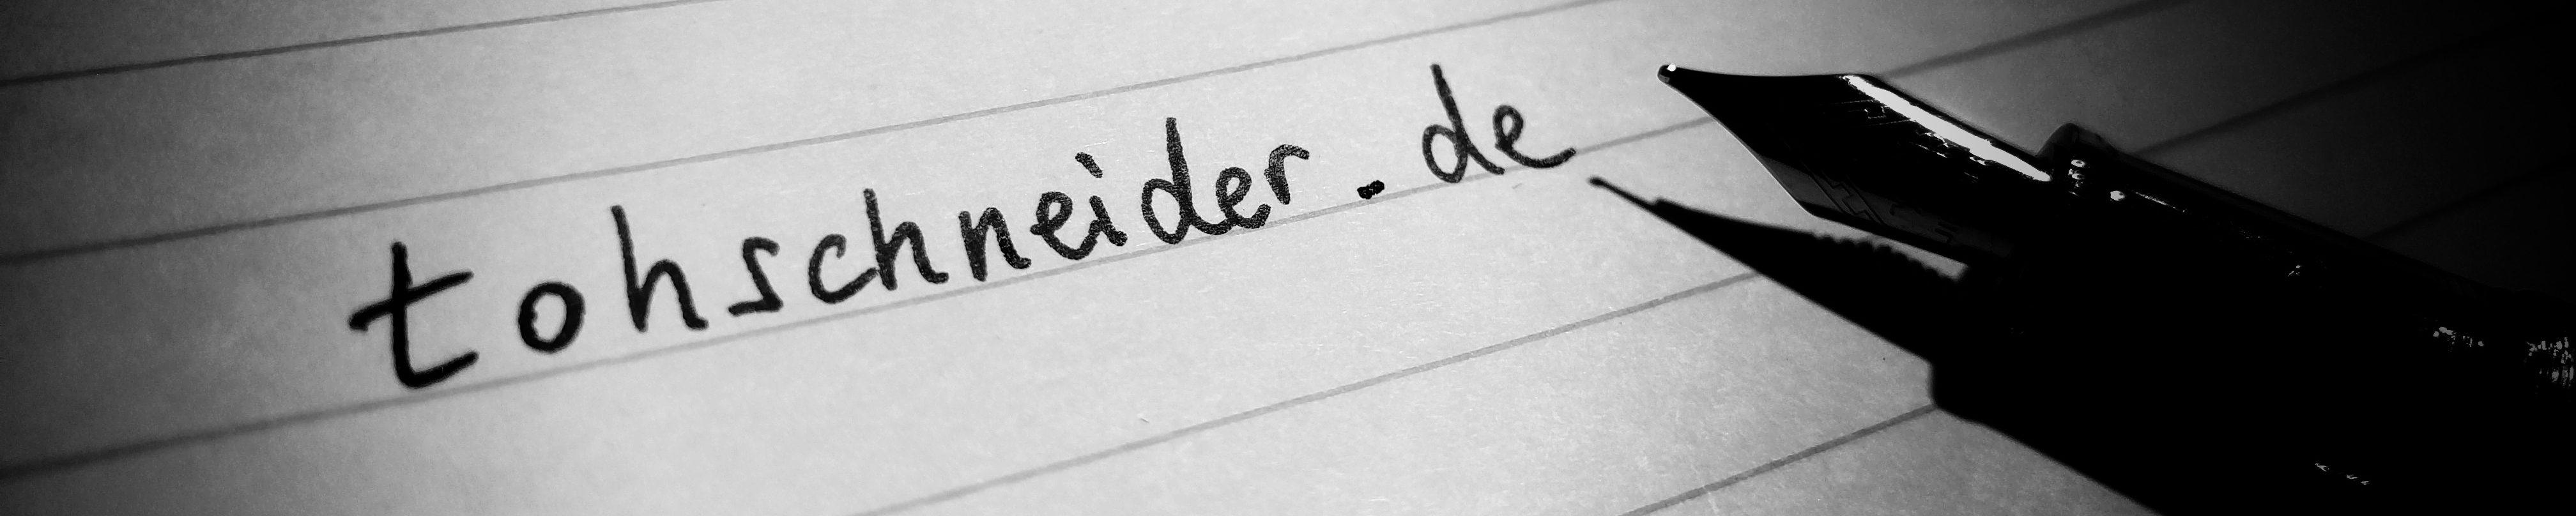 tohschneider.de